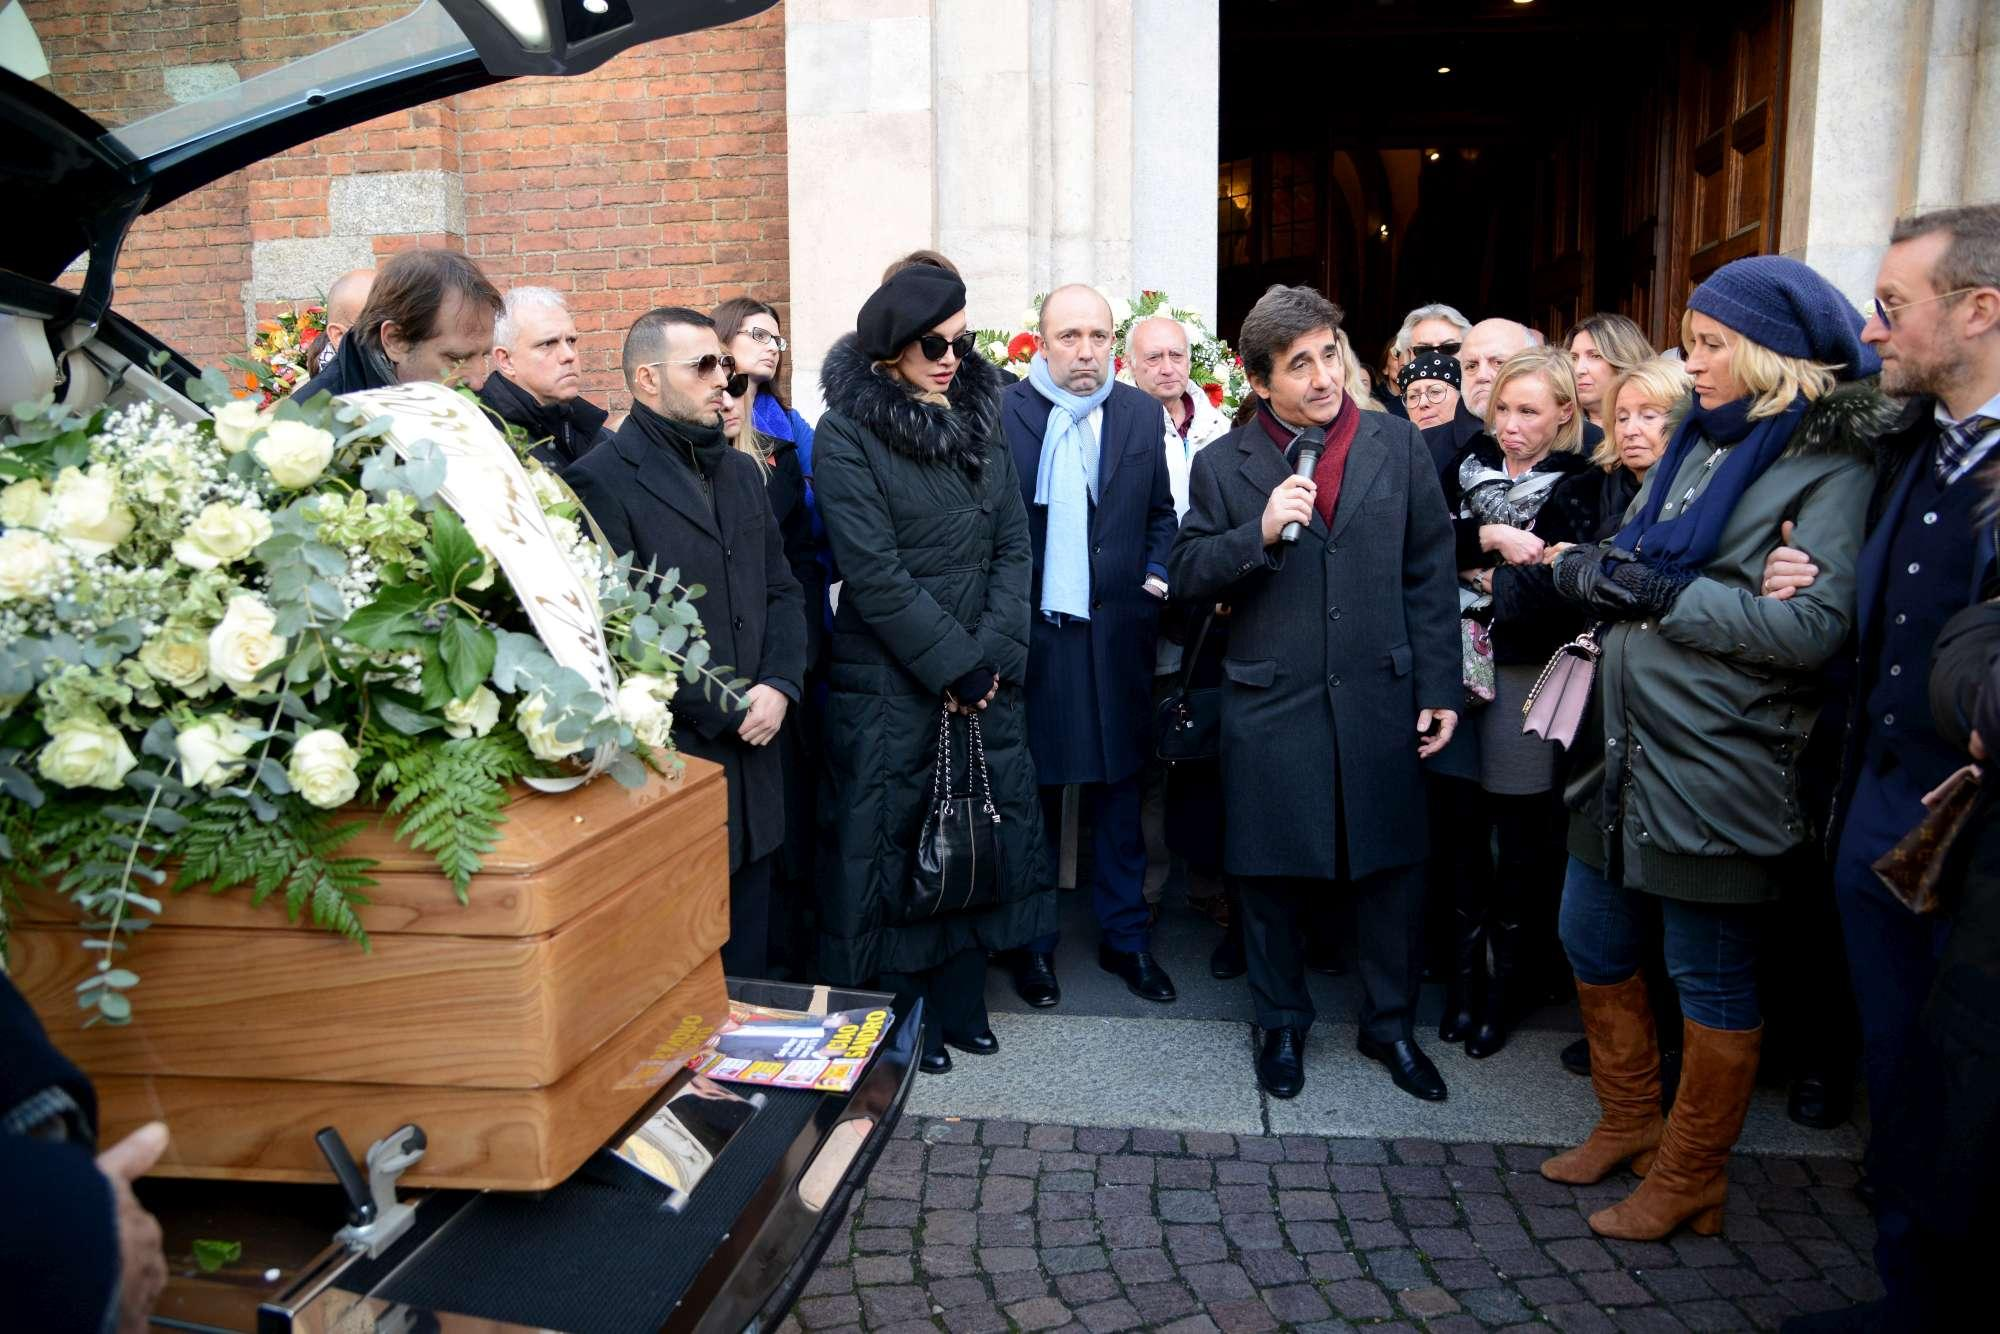 Ultimo saluto a Sandro Mayer, da Cristiano Malgioglio a Milly Carlucci al funerale a Milano